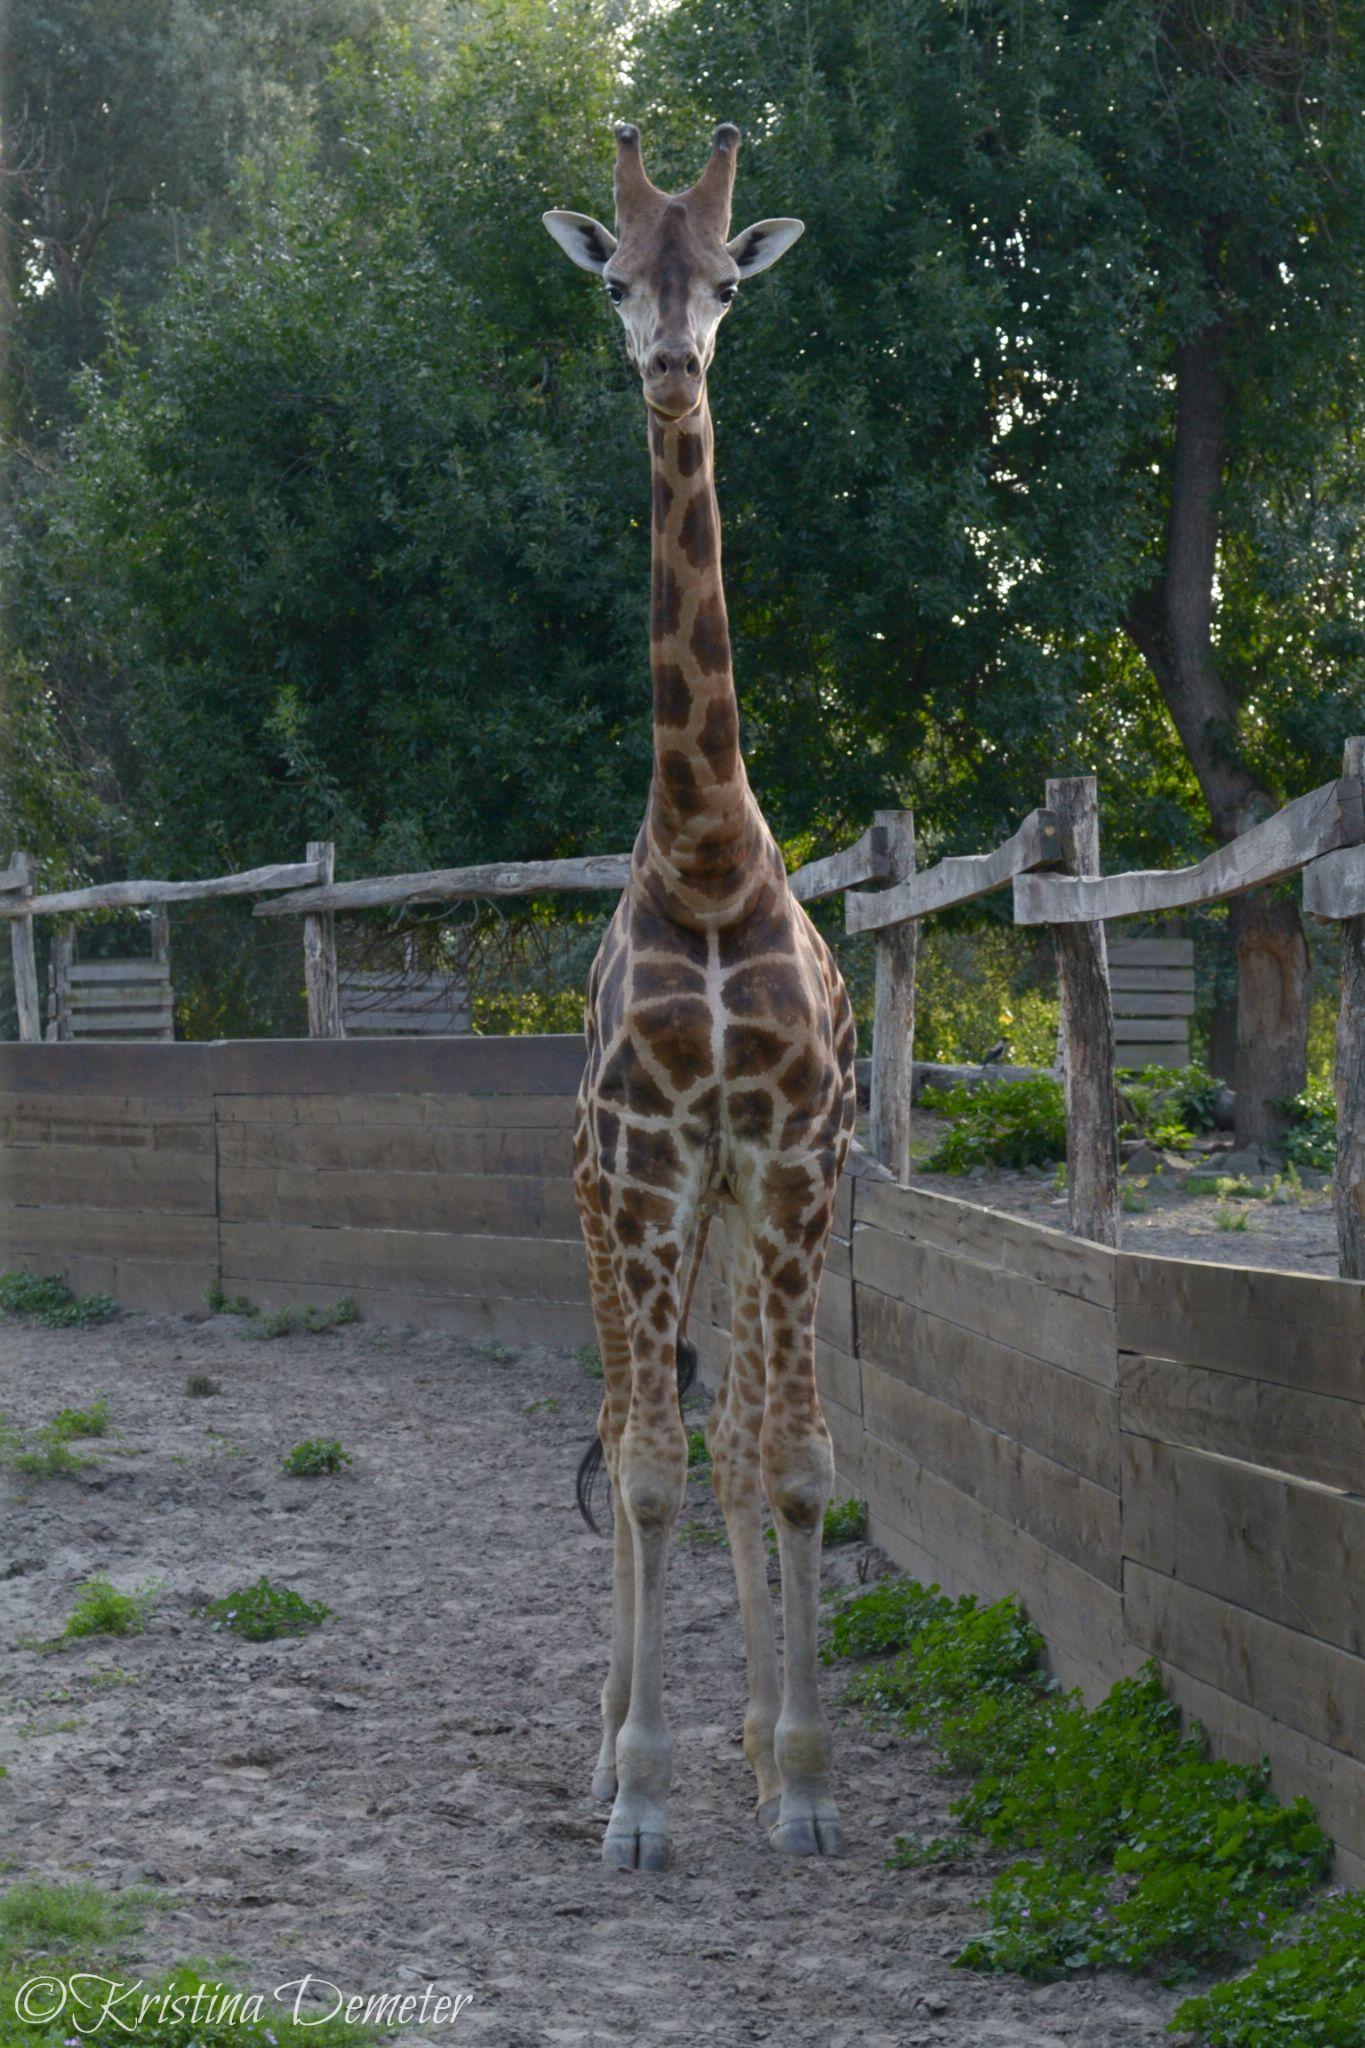 Giraffe by Kristina Demeter